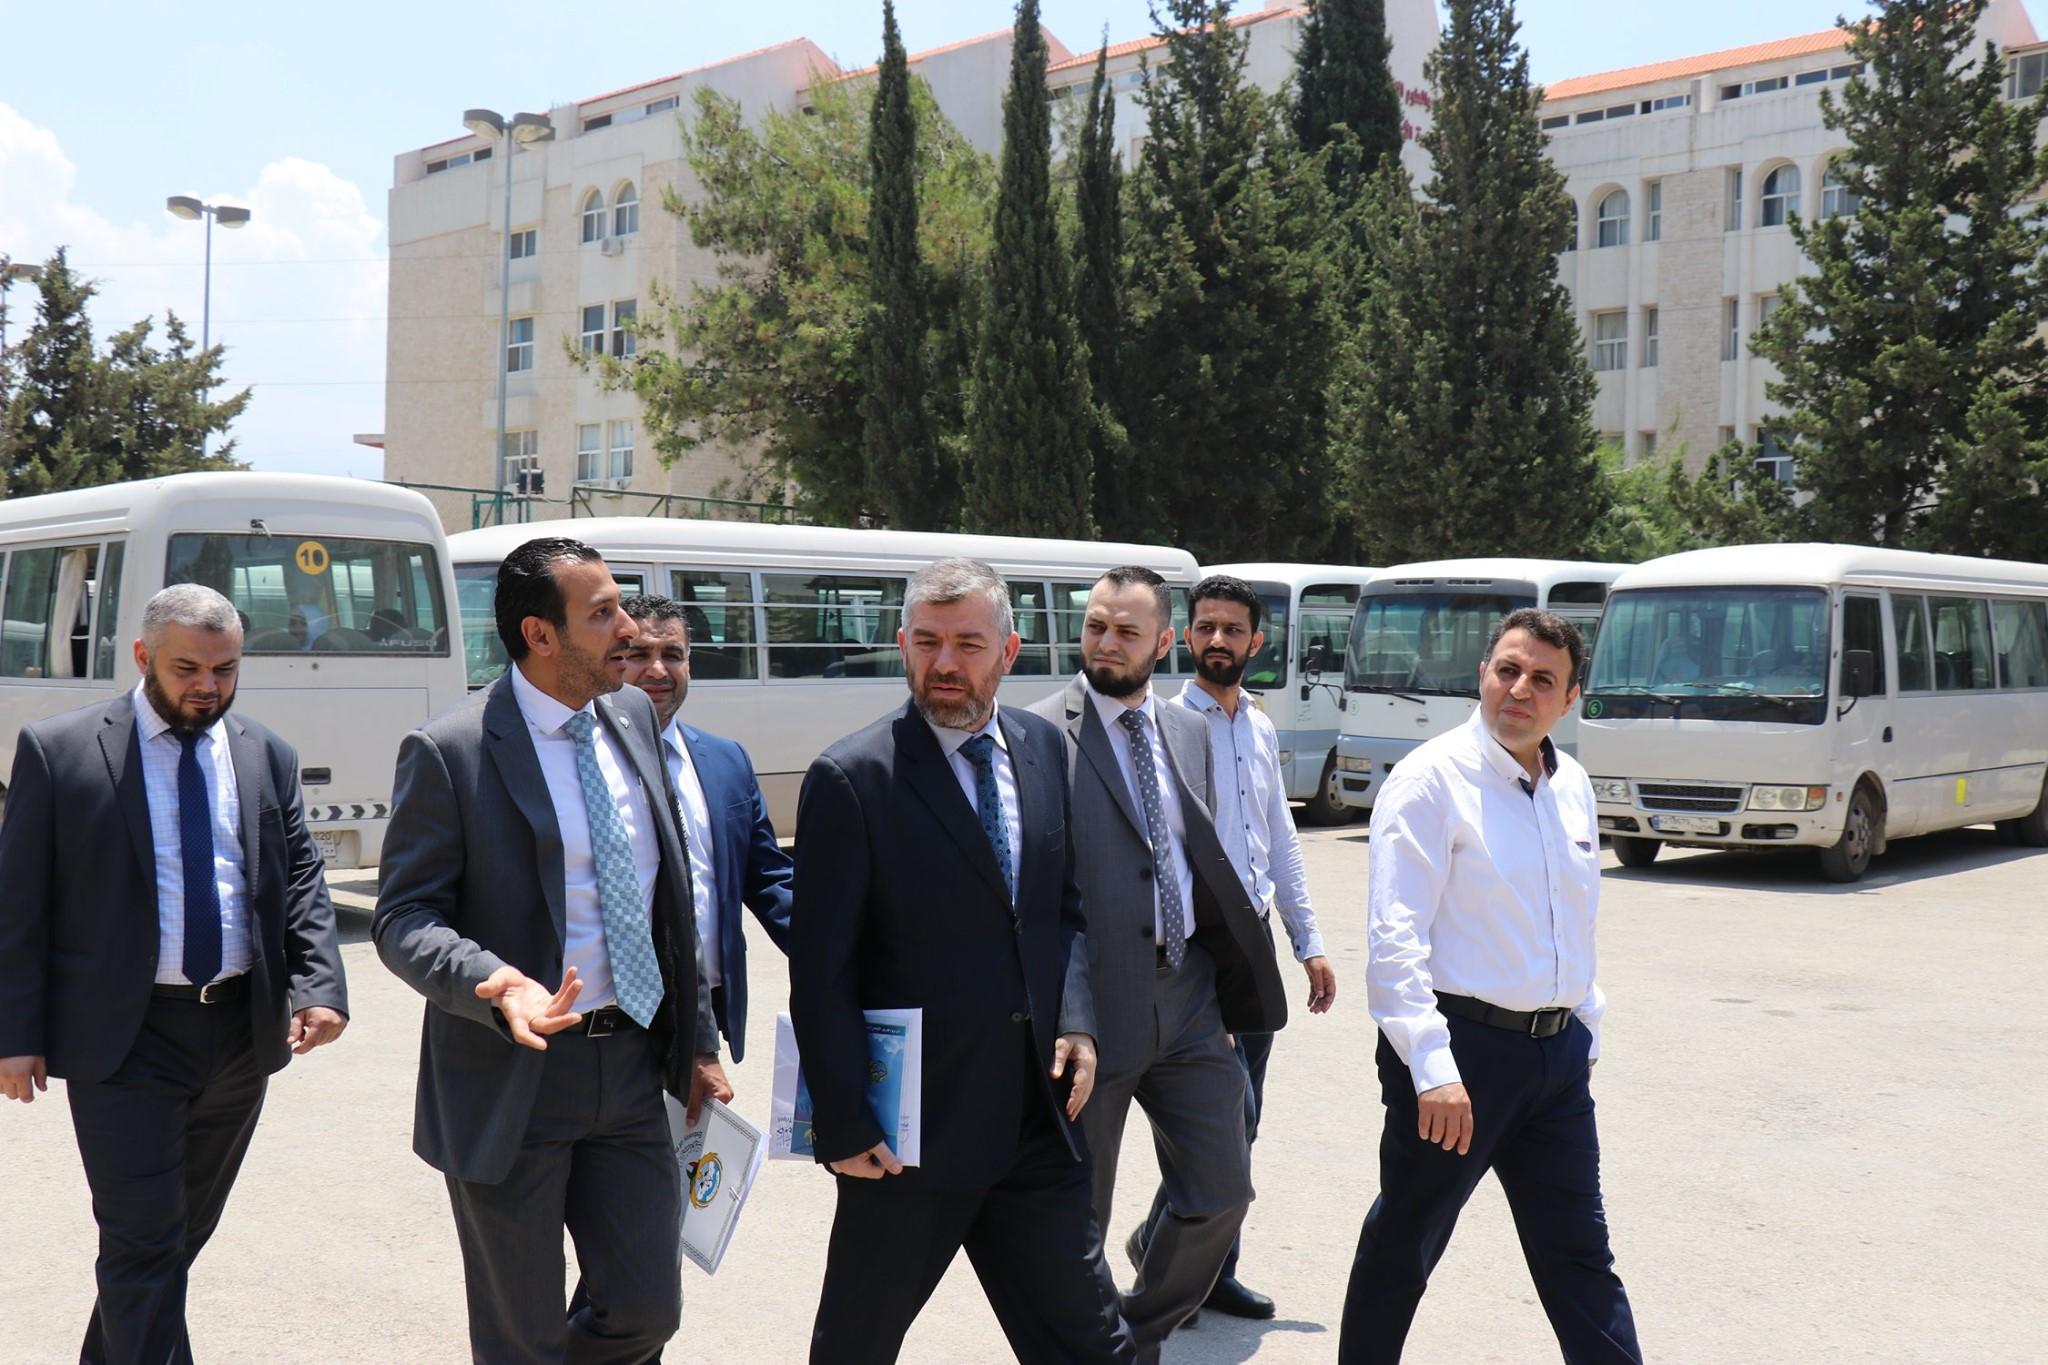 السكرتير الأول في السفارة الكويتية في بيروت يزور مجمع الإصلاح الإسلامي في طرابلس (2/5)